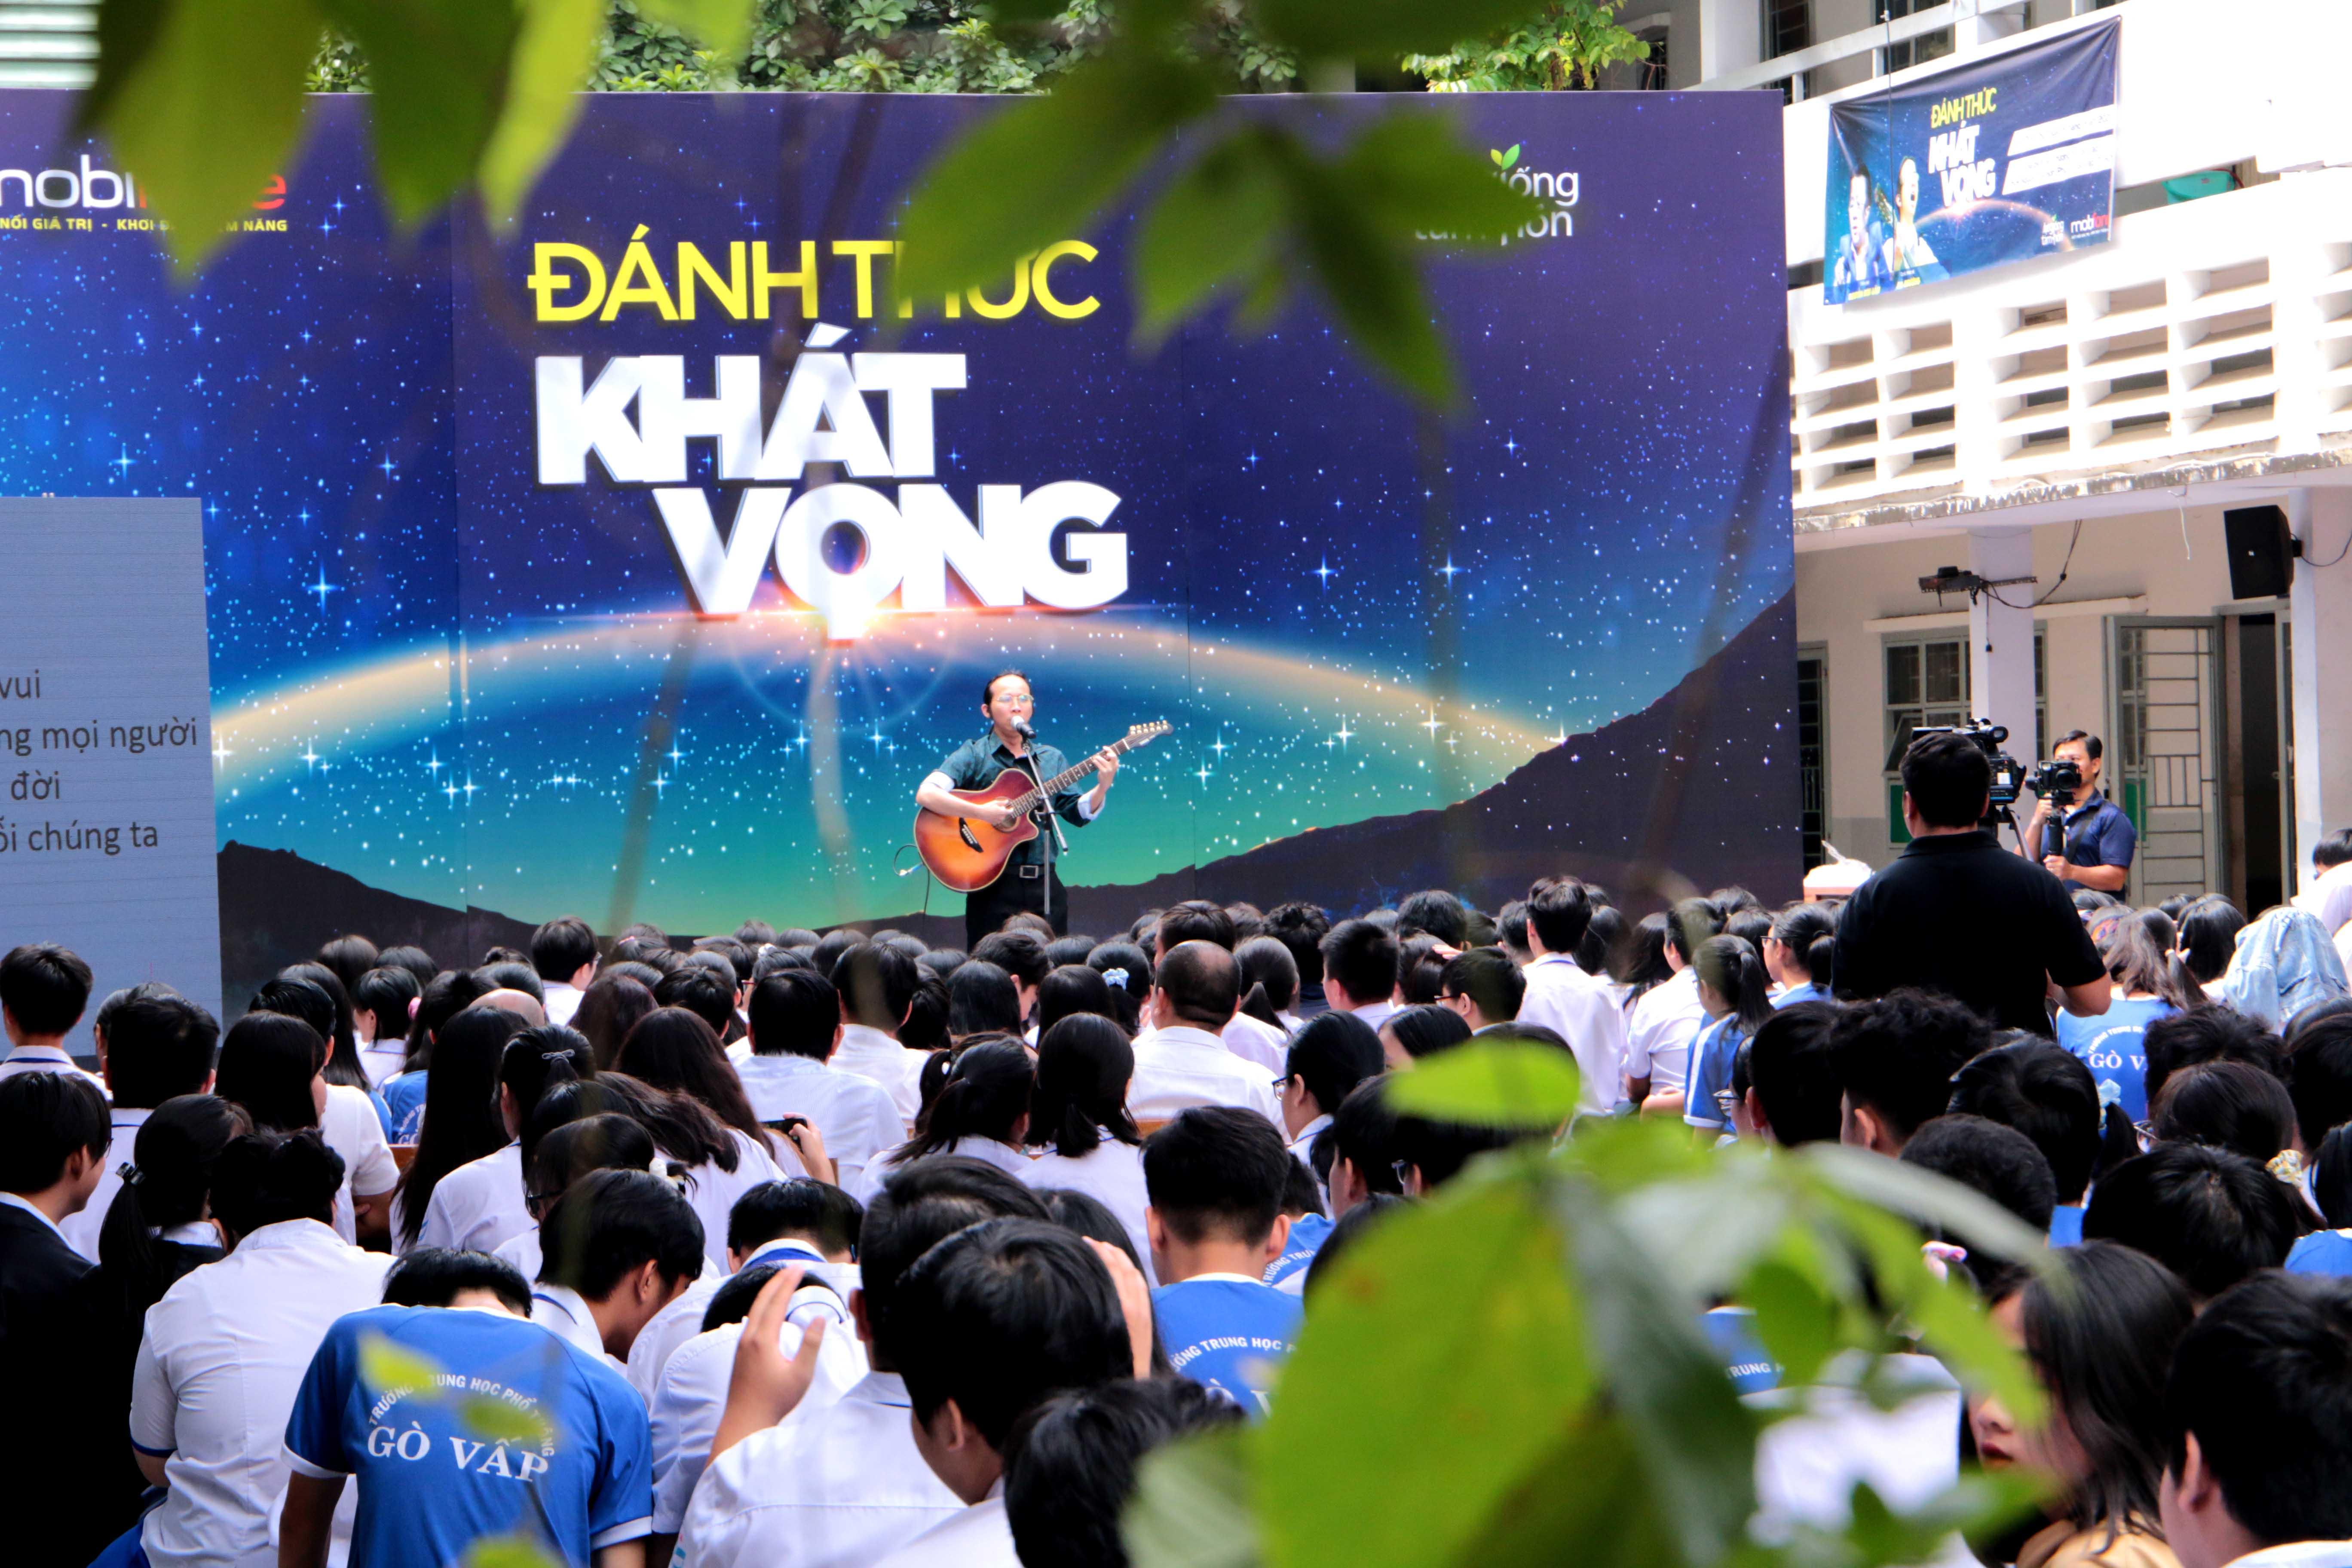 Ca - nhạc sĩ khiếm thị Hà Chương biểu diễn các ca khúc do anh tự sáng tác.